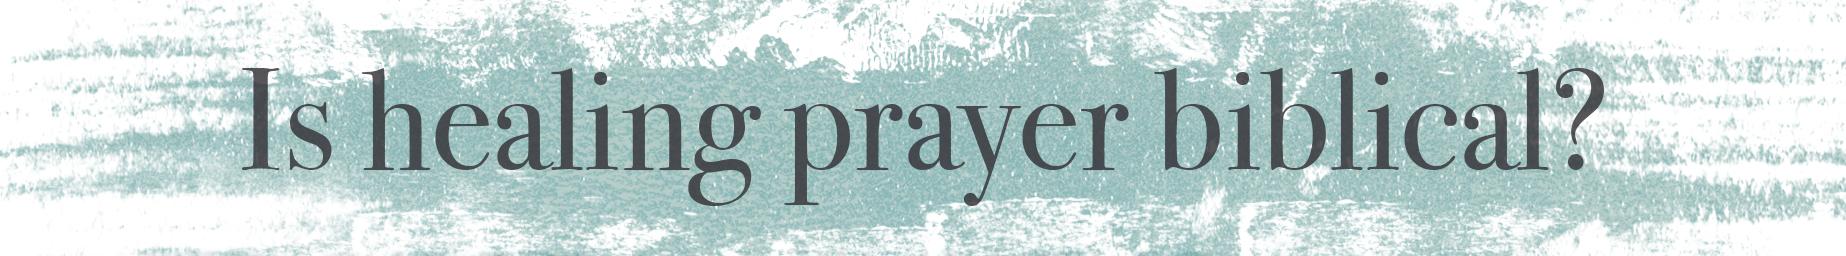 Healing prayer biblical.jpg